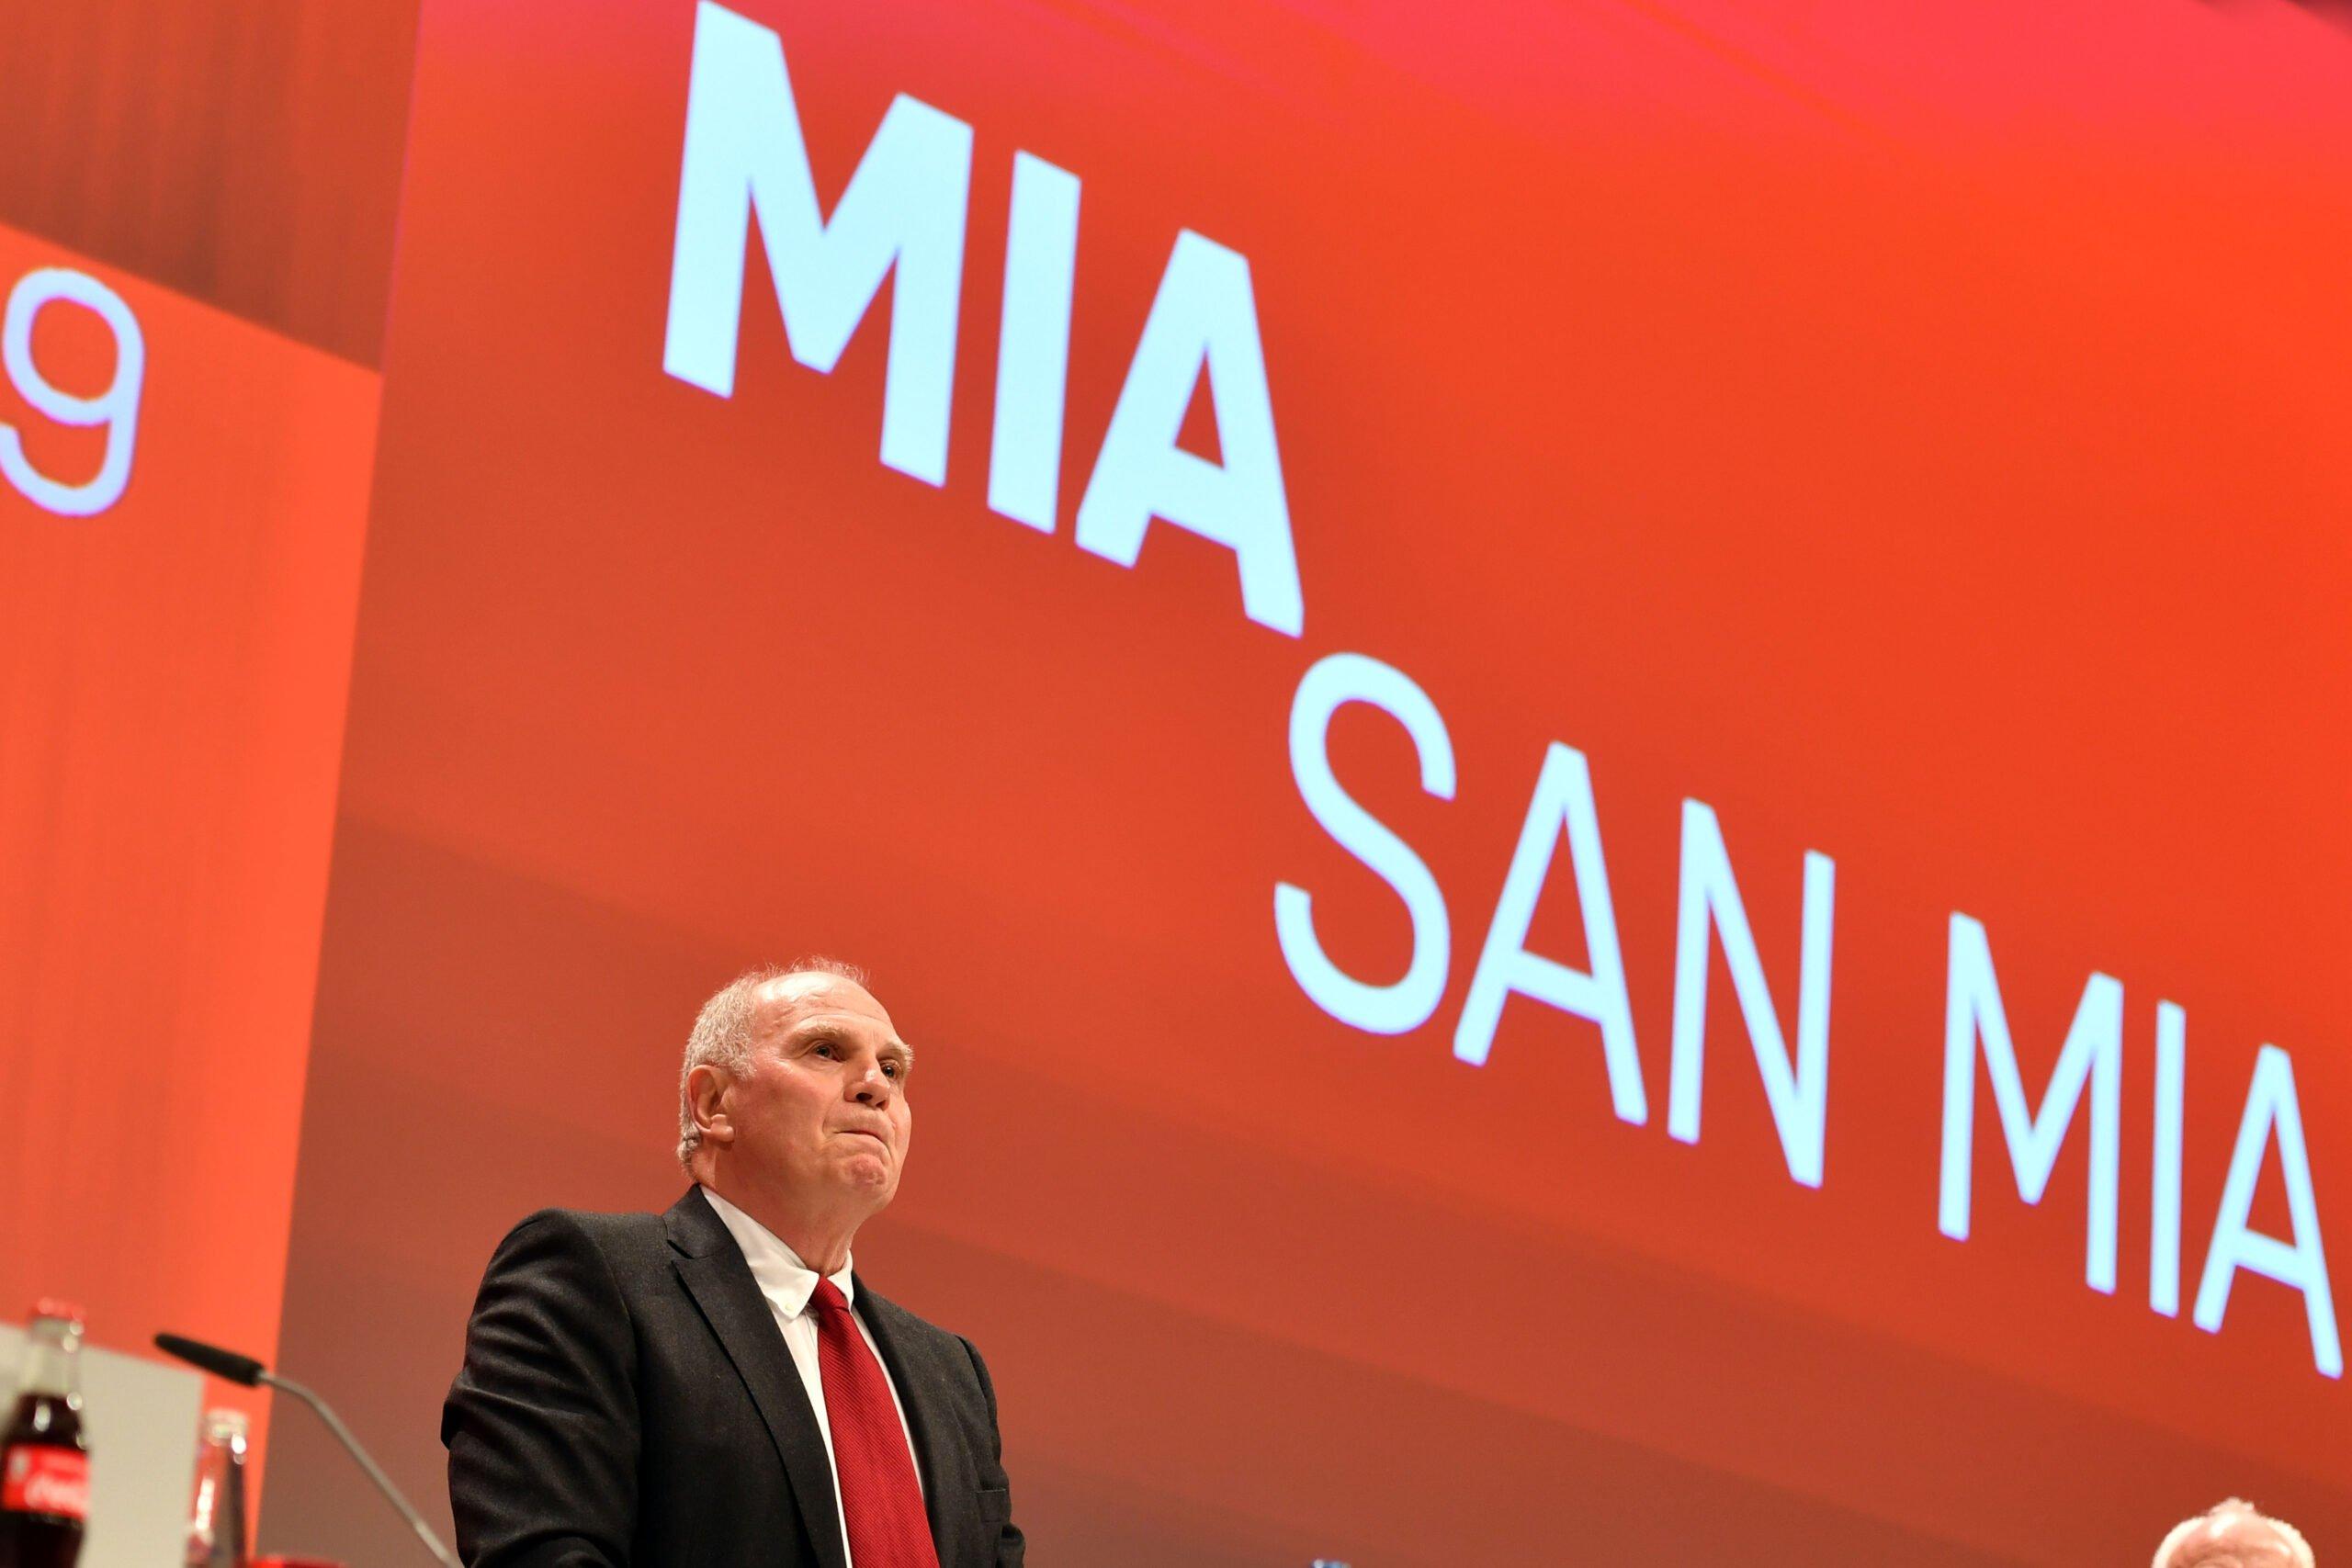 Mia san Mia